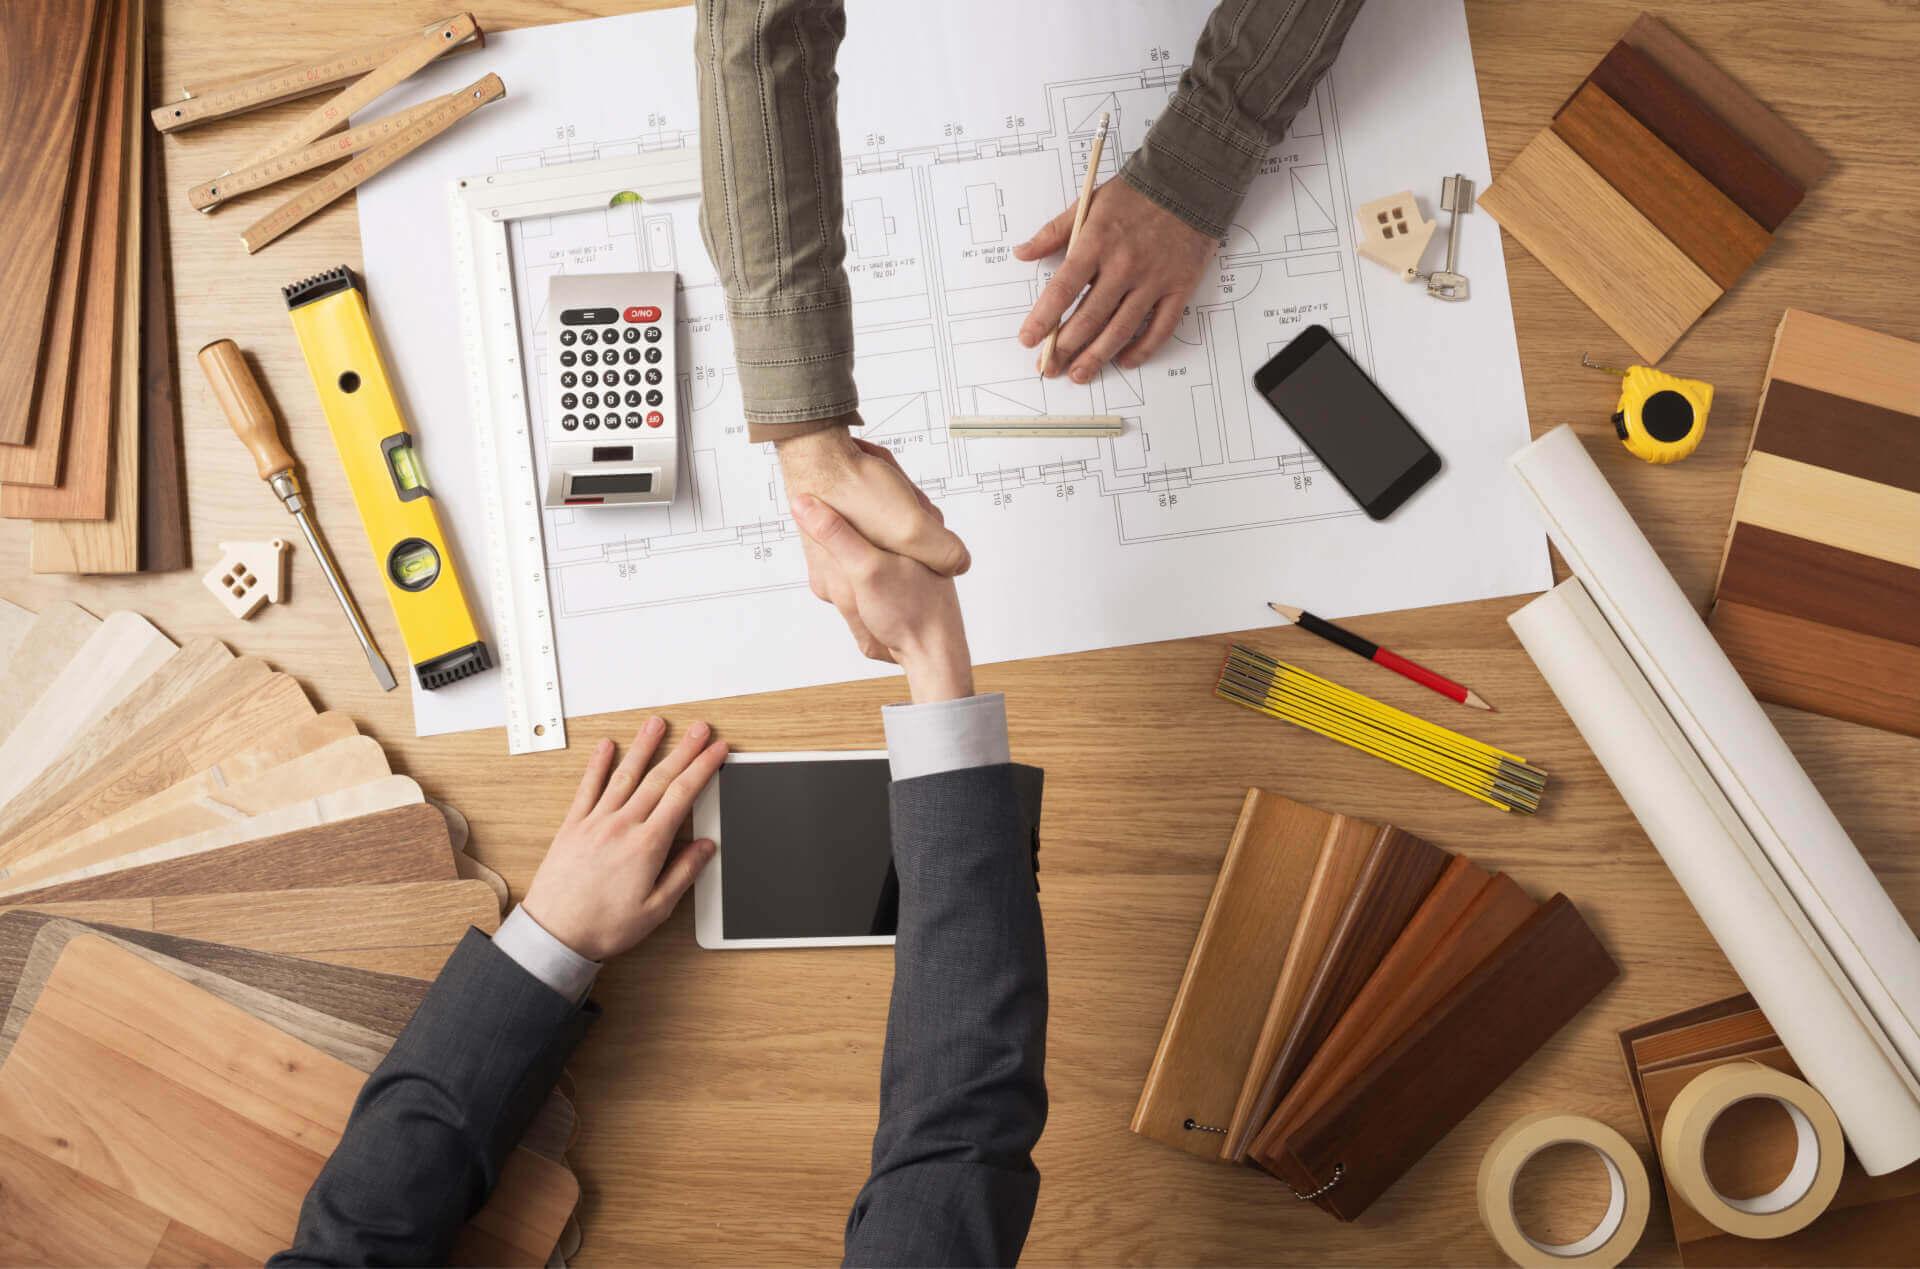 Nasz architekt podaje rękę klientowi, nowoczesne narzędzia budowlane na stole, zdjęcie wyraża gotowość ekip budowlanych do postawienia domu z keramzytu